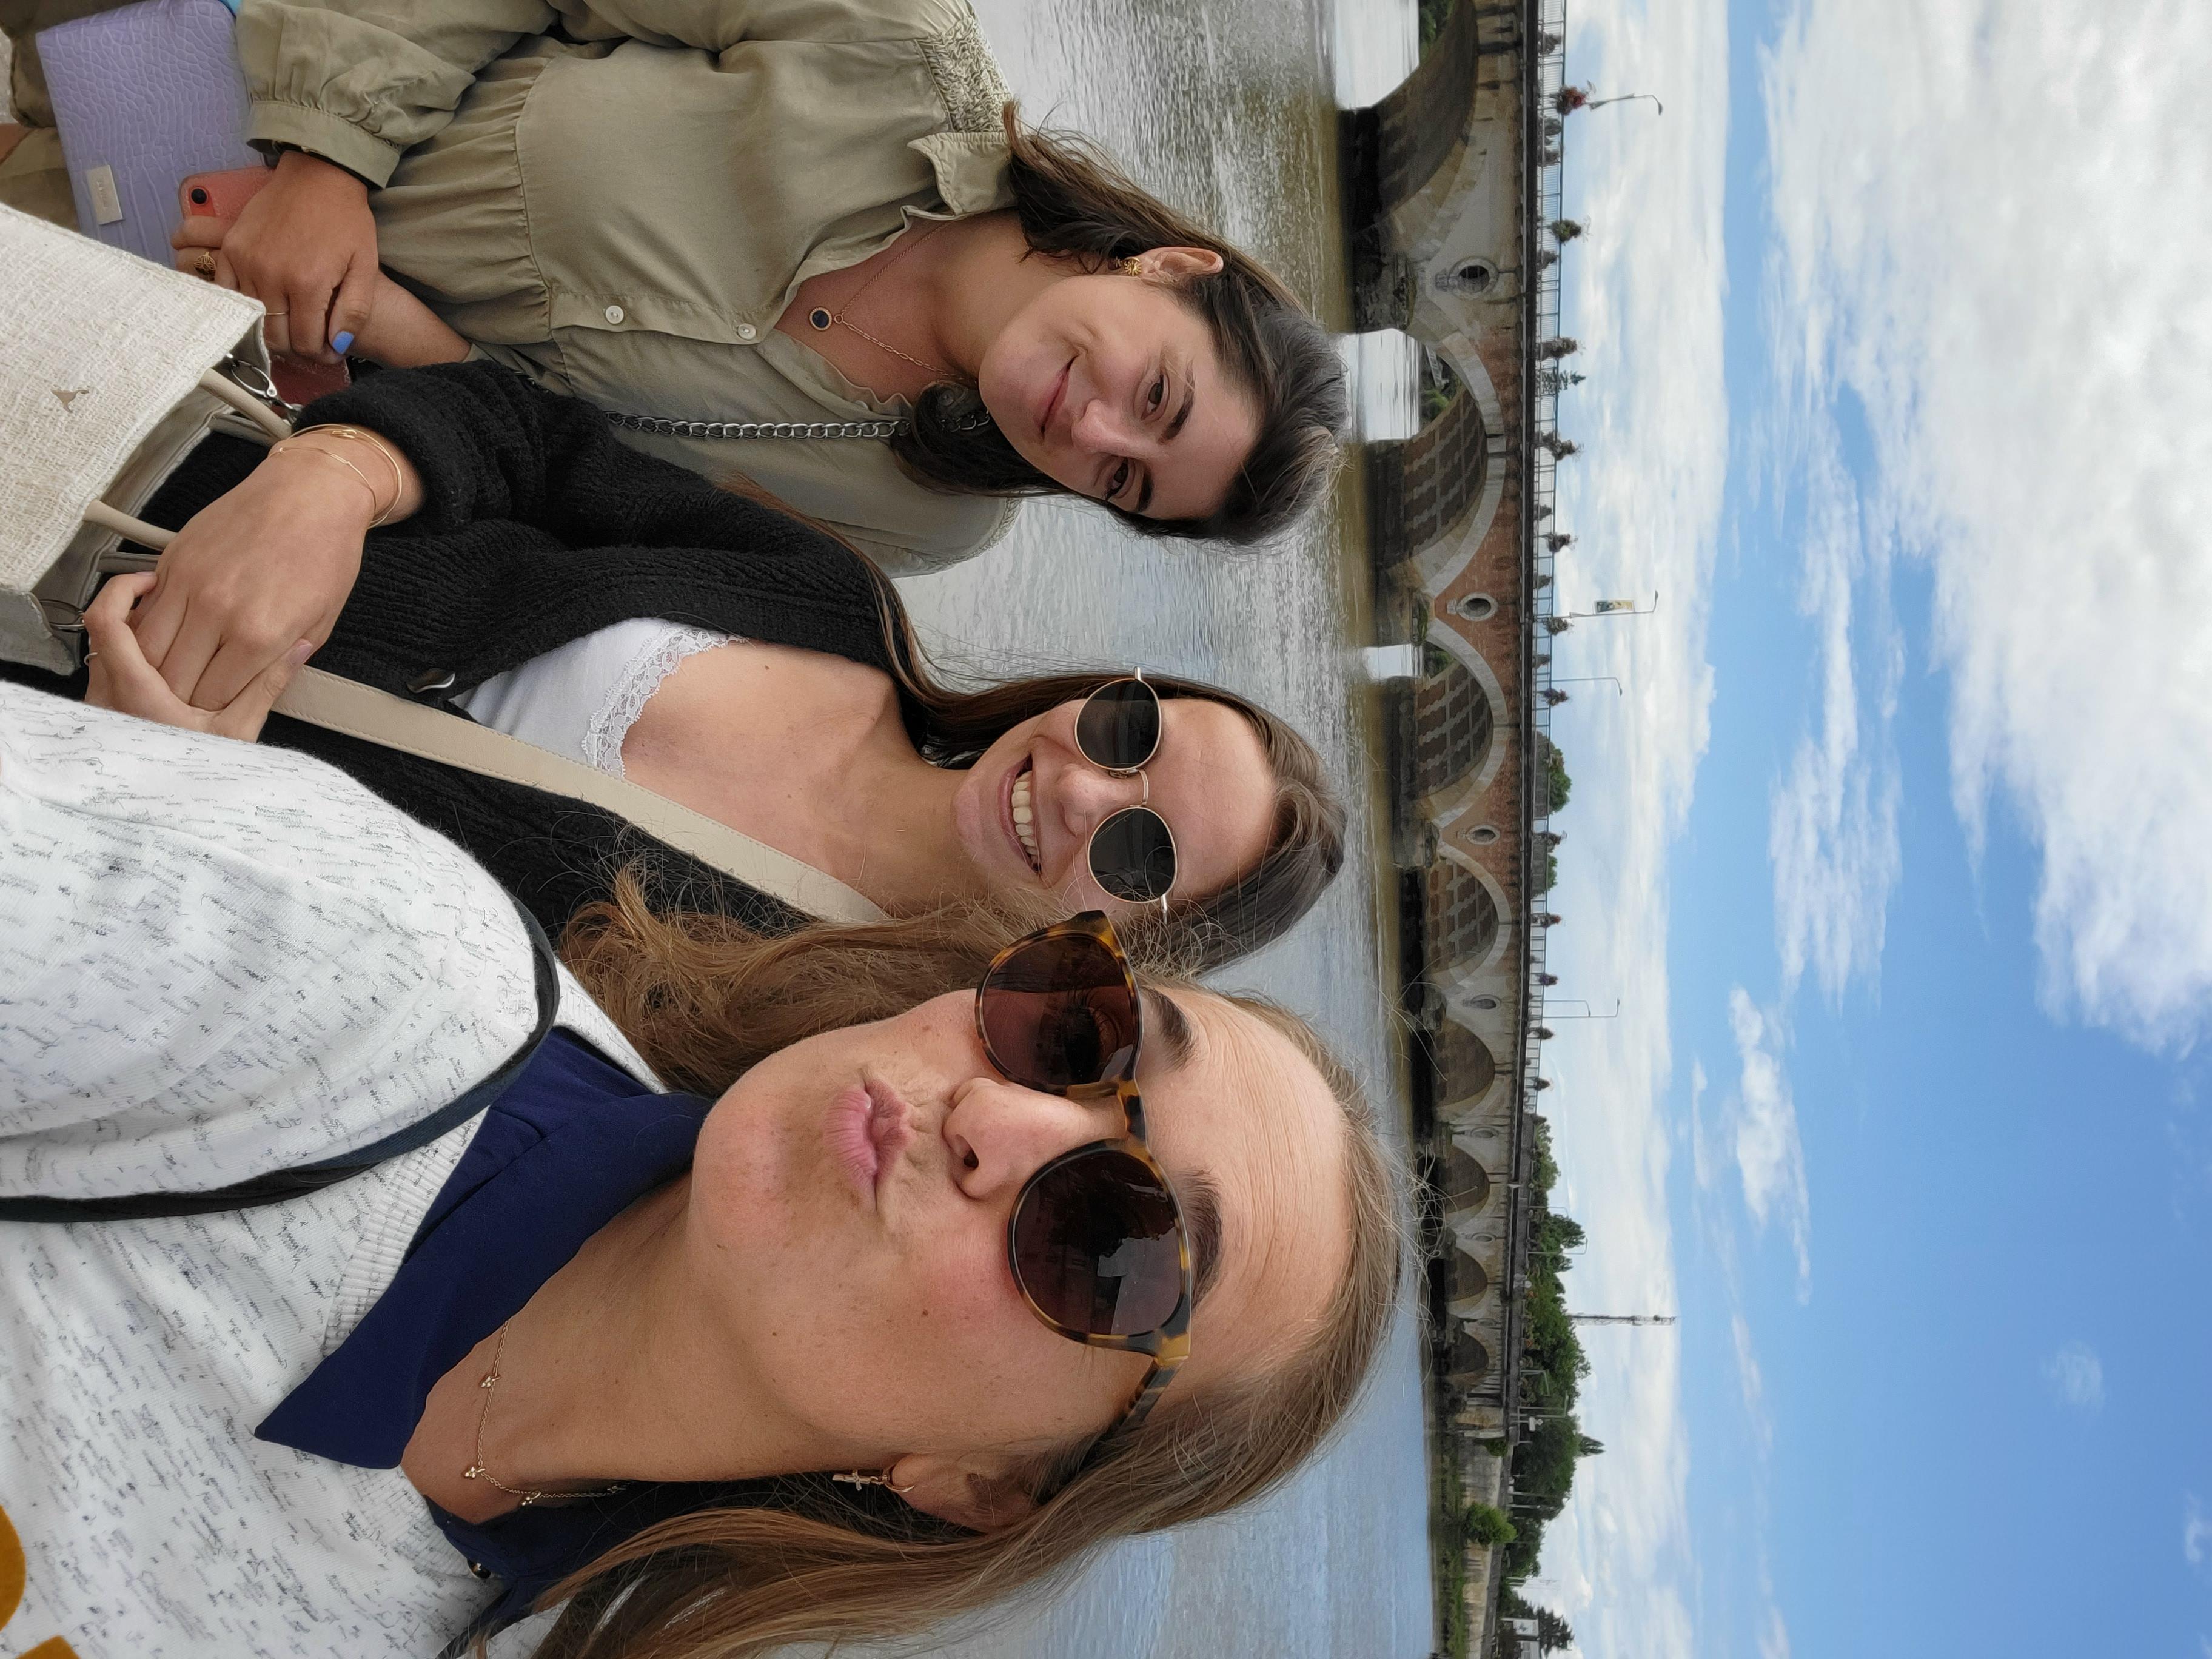 séjour entre filles à Libourne